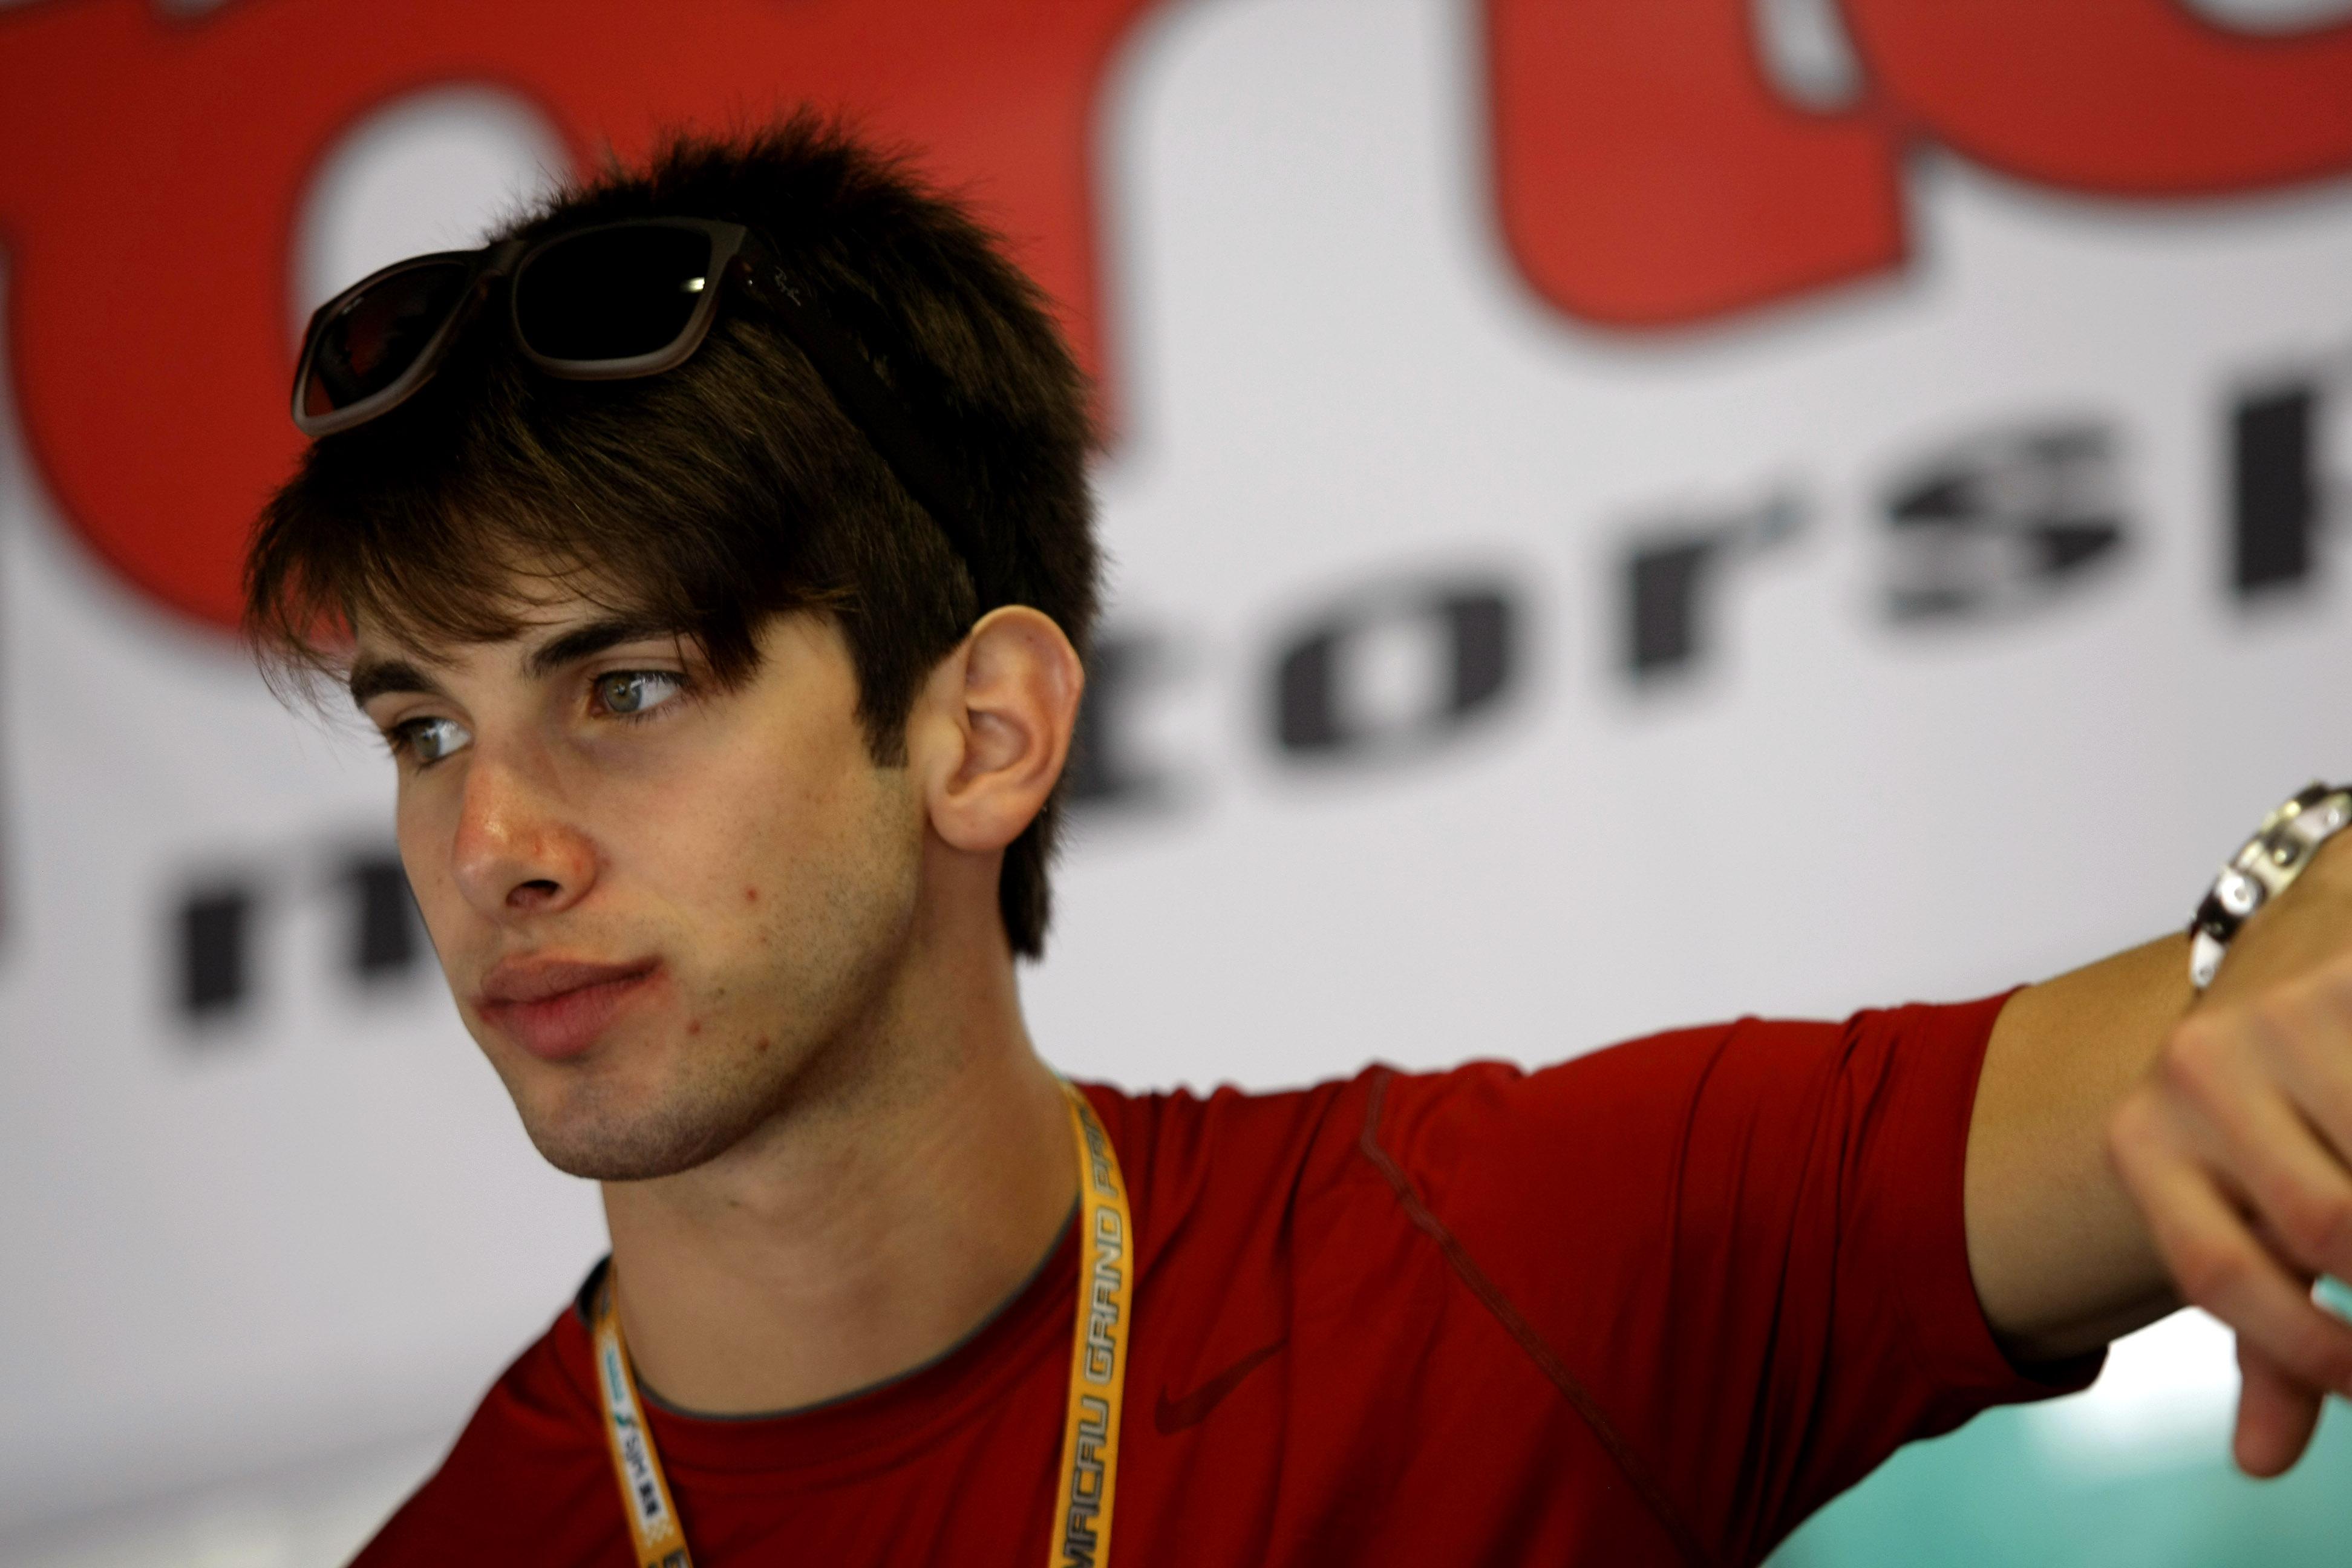 Felix Serralles (PUR) Fortec Motorsport Dallara Mercedes